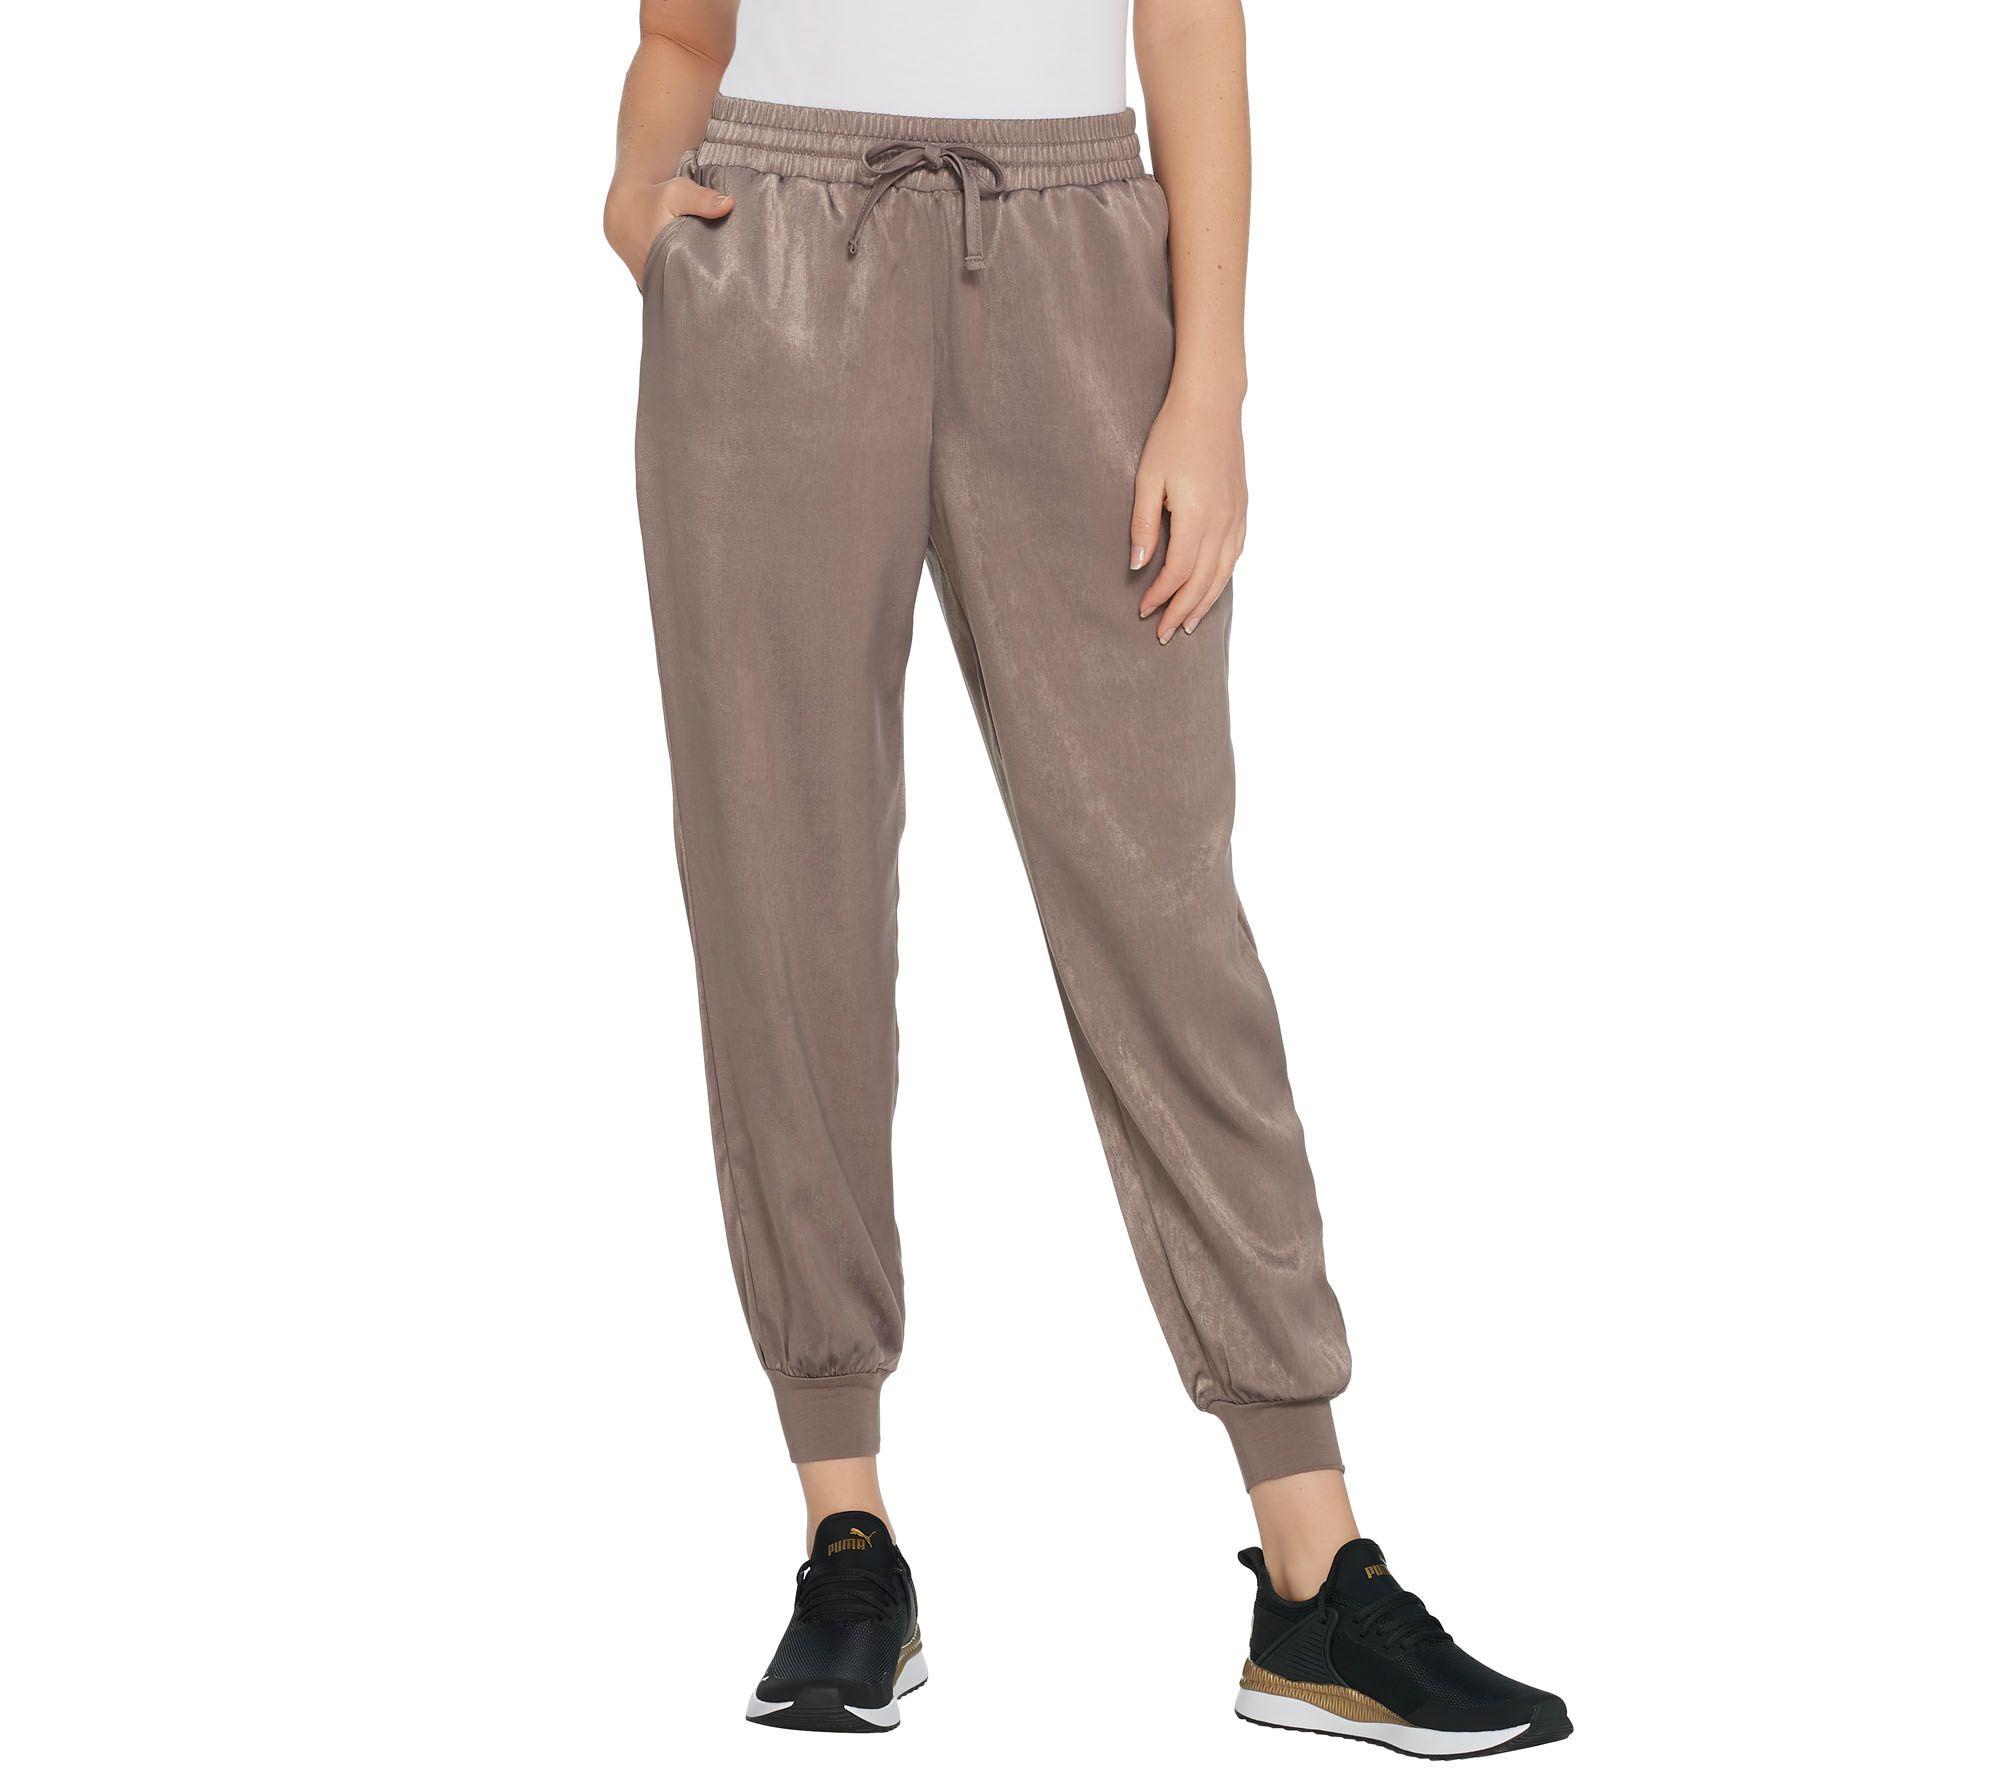 AnyBody Loungewear Regular Satin Jogger Pants - A345512